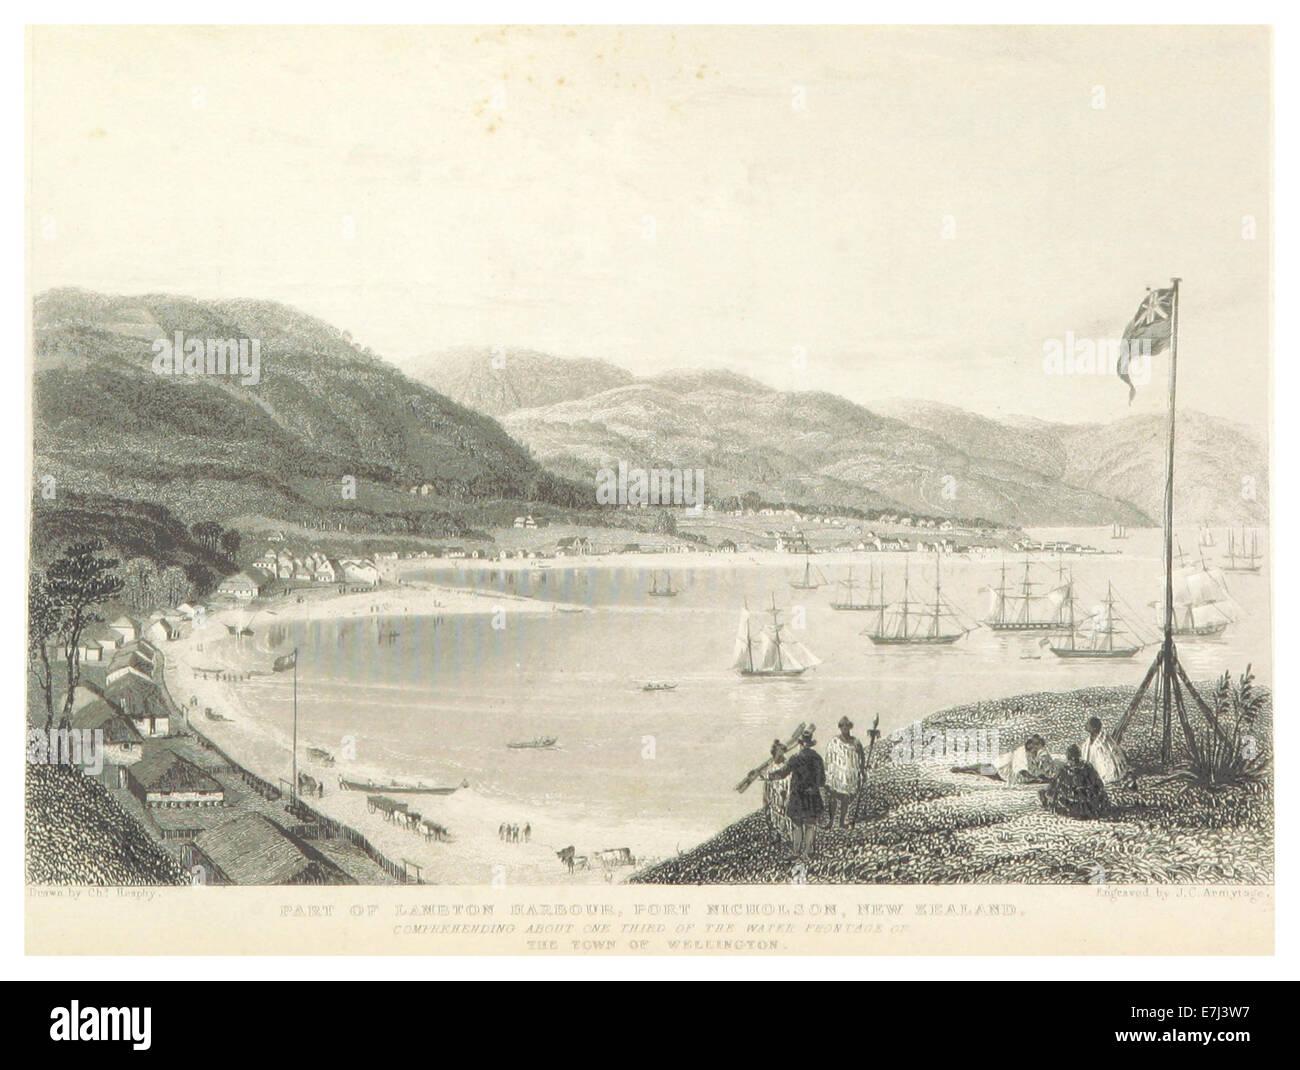 PETRE(1842) p044 PART OF LAMBTON HARBOUR, PORT NICHOLSON, NEW ZEALAND Stock Photo